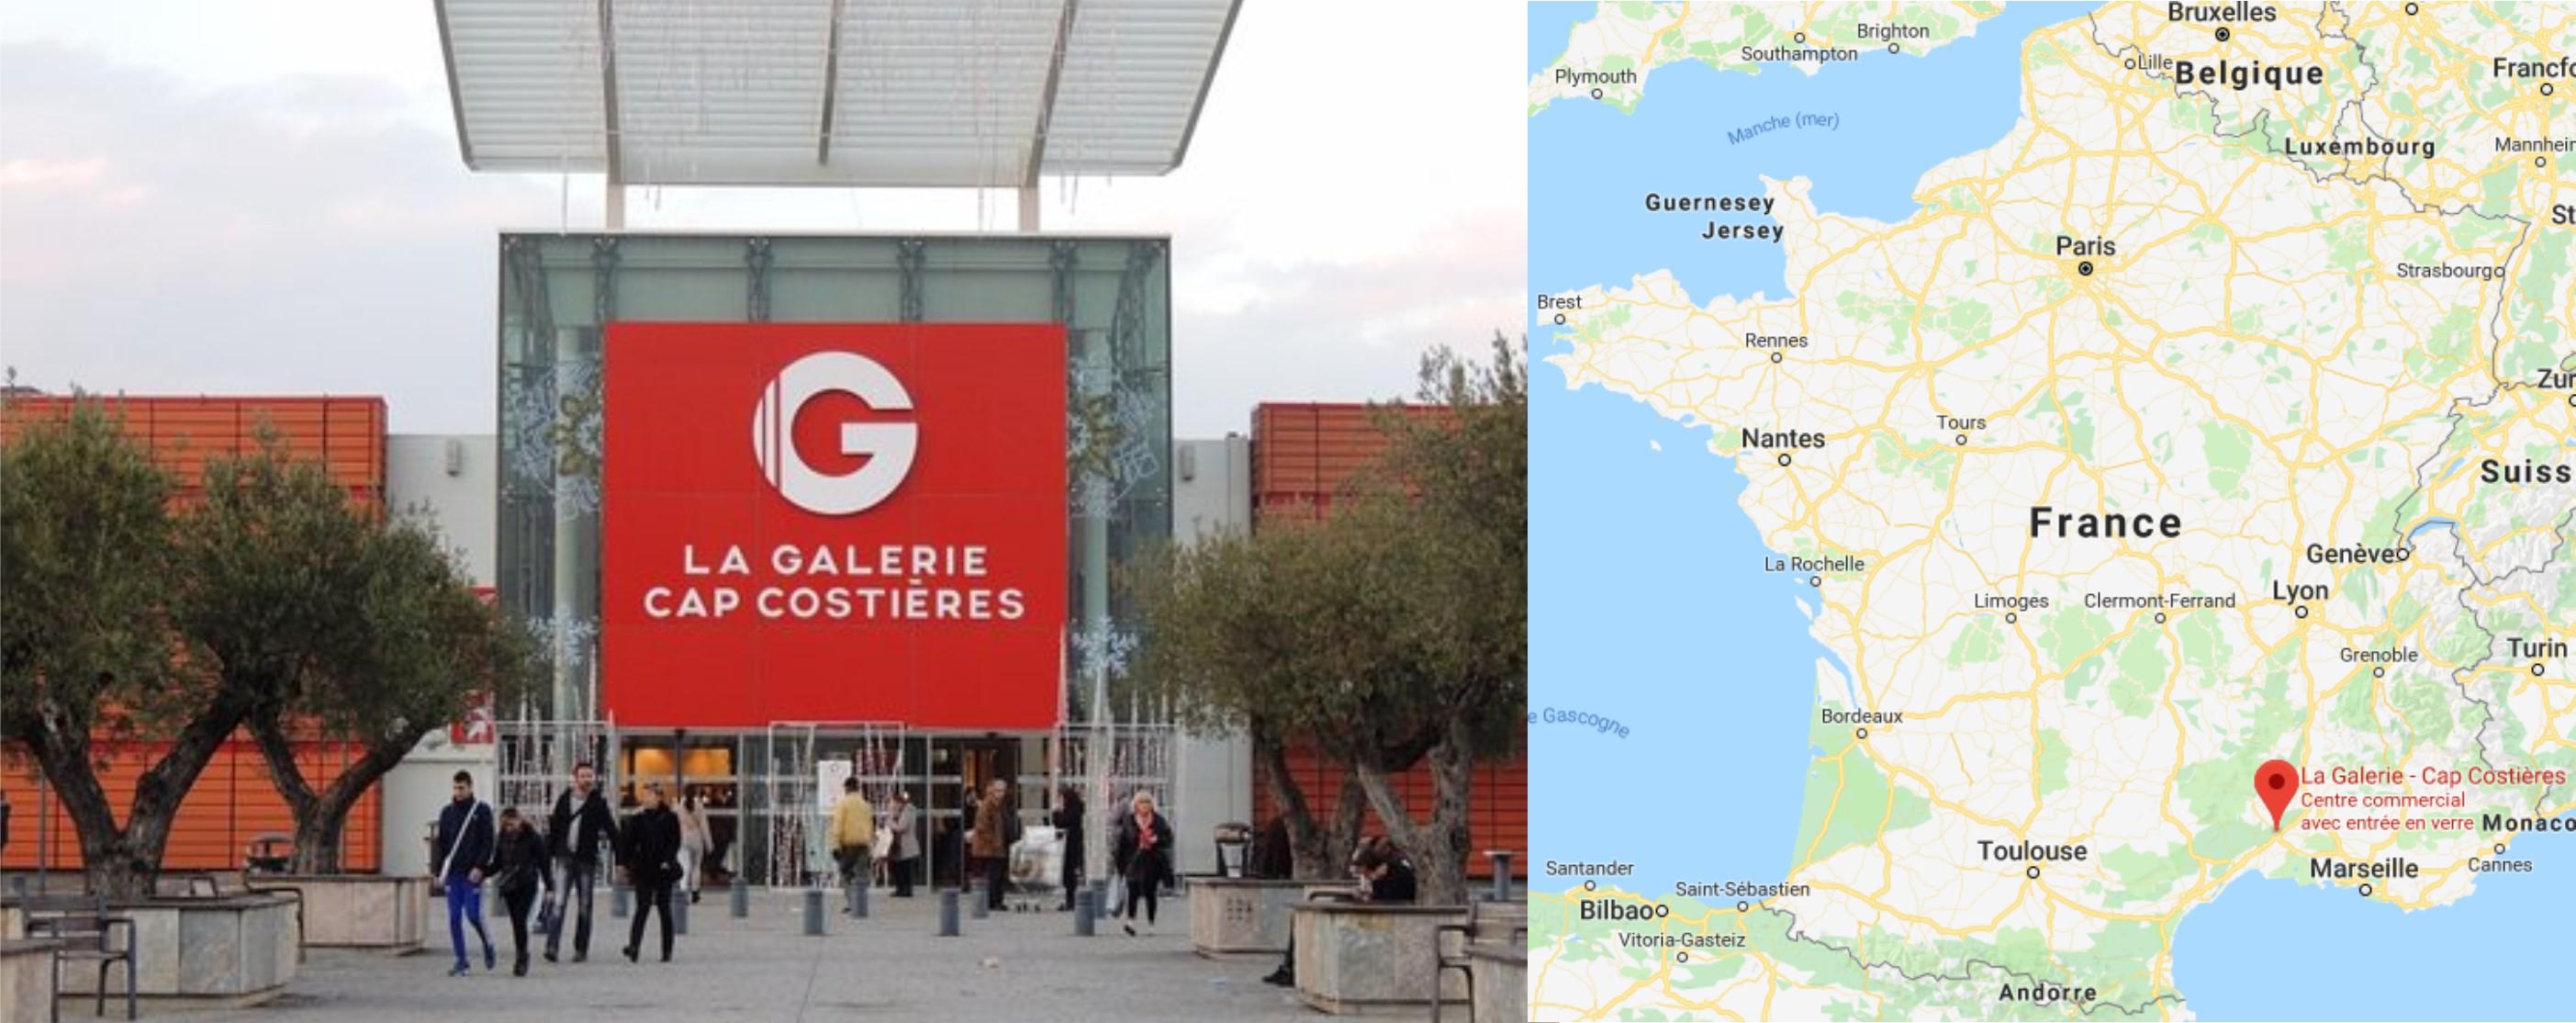 Centre commercial La Galerie Géant Cap Costières